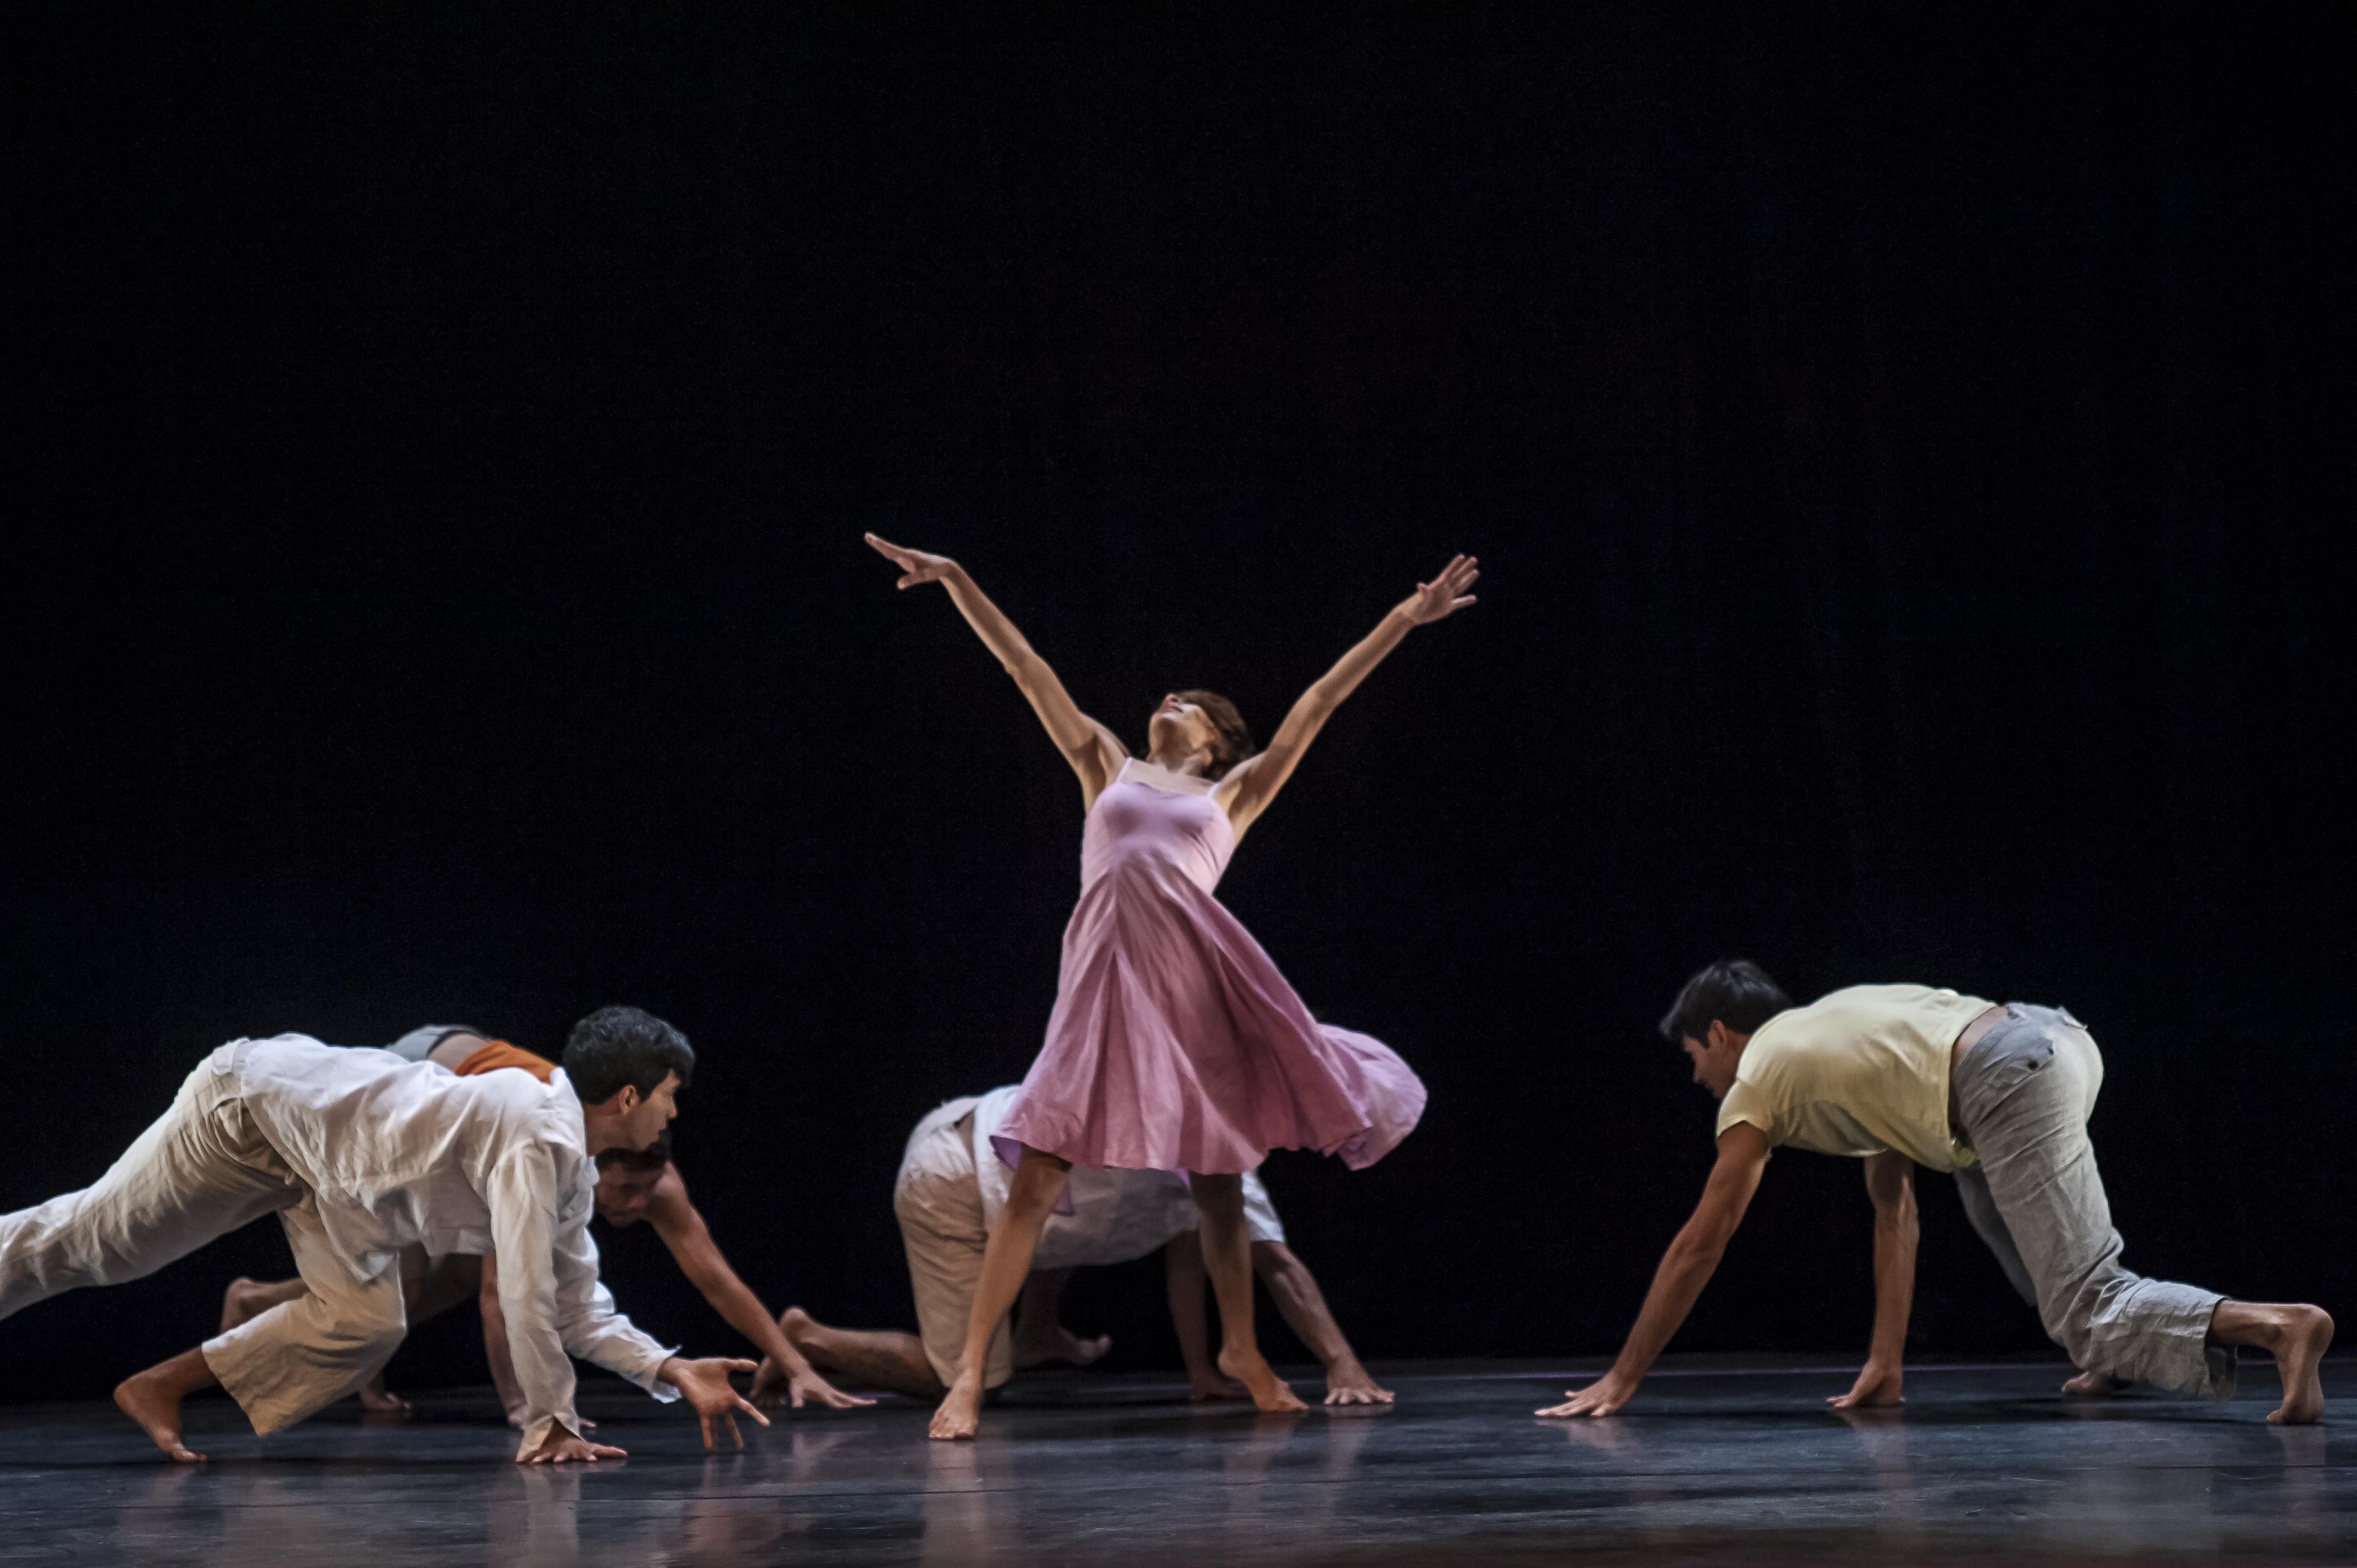 bienal-internacional-de-danca-do-ceara-segue-para-quatro-cidades-do-interior-do-estado